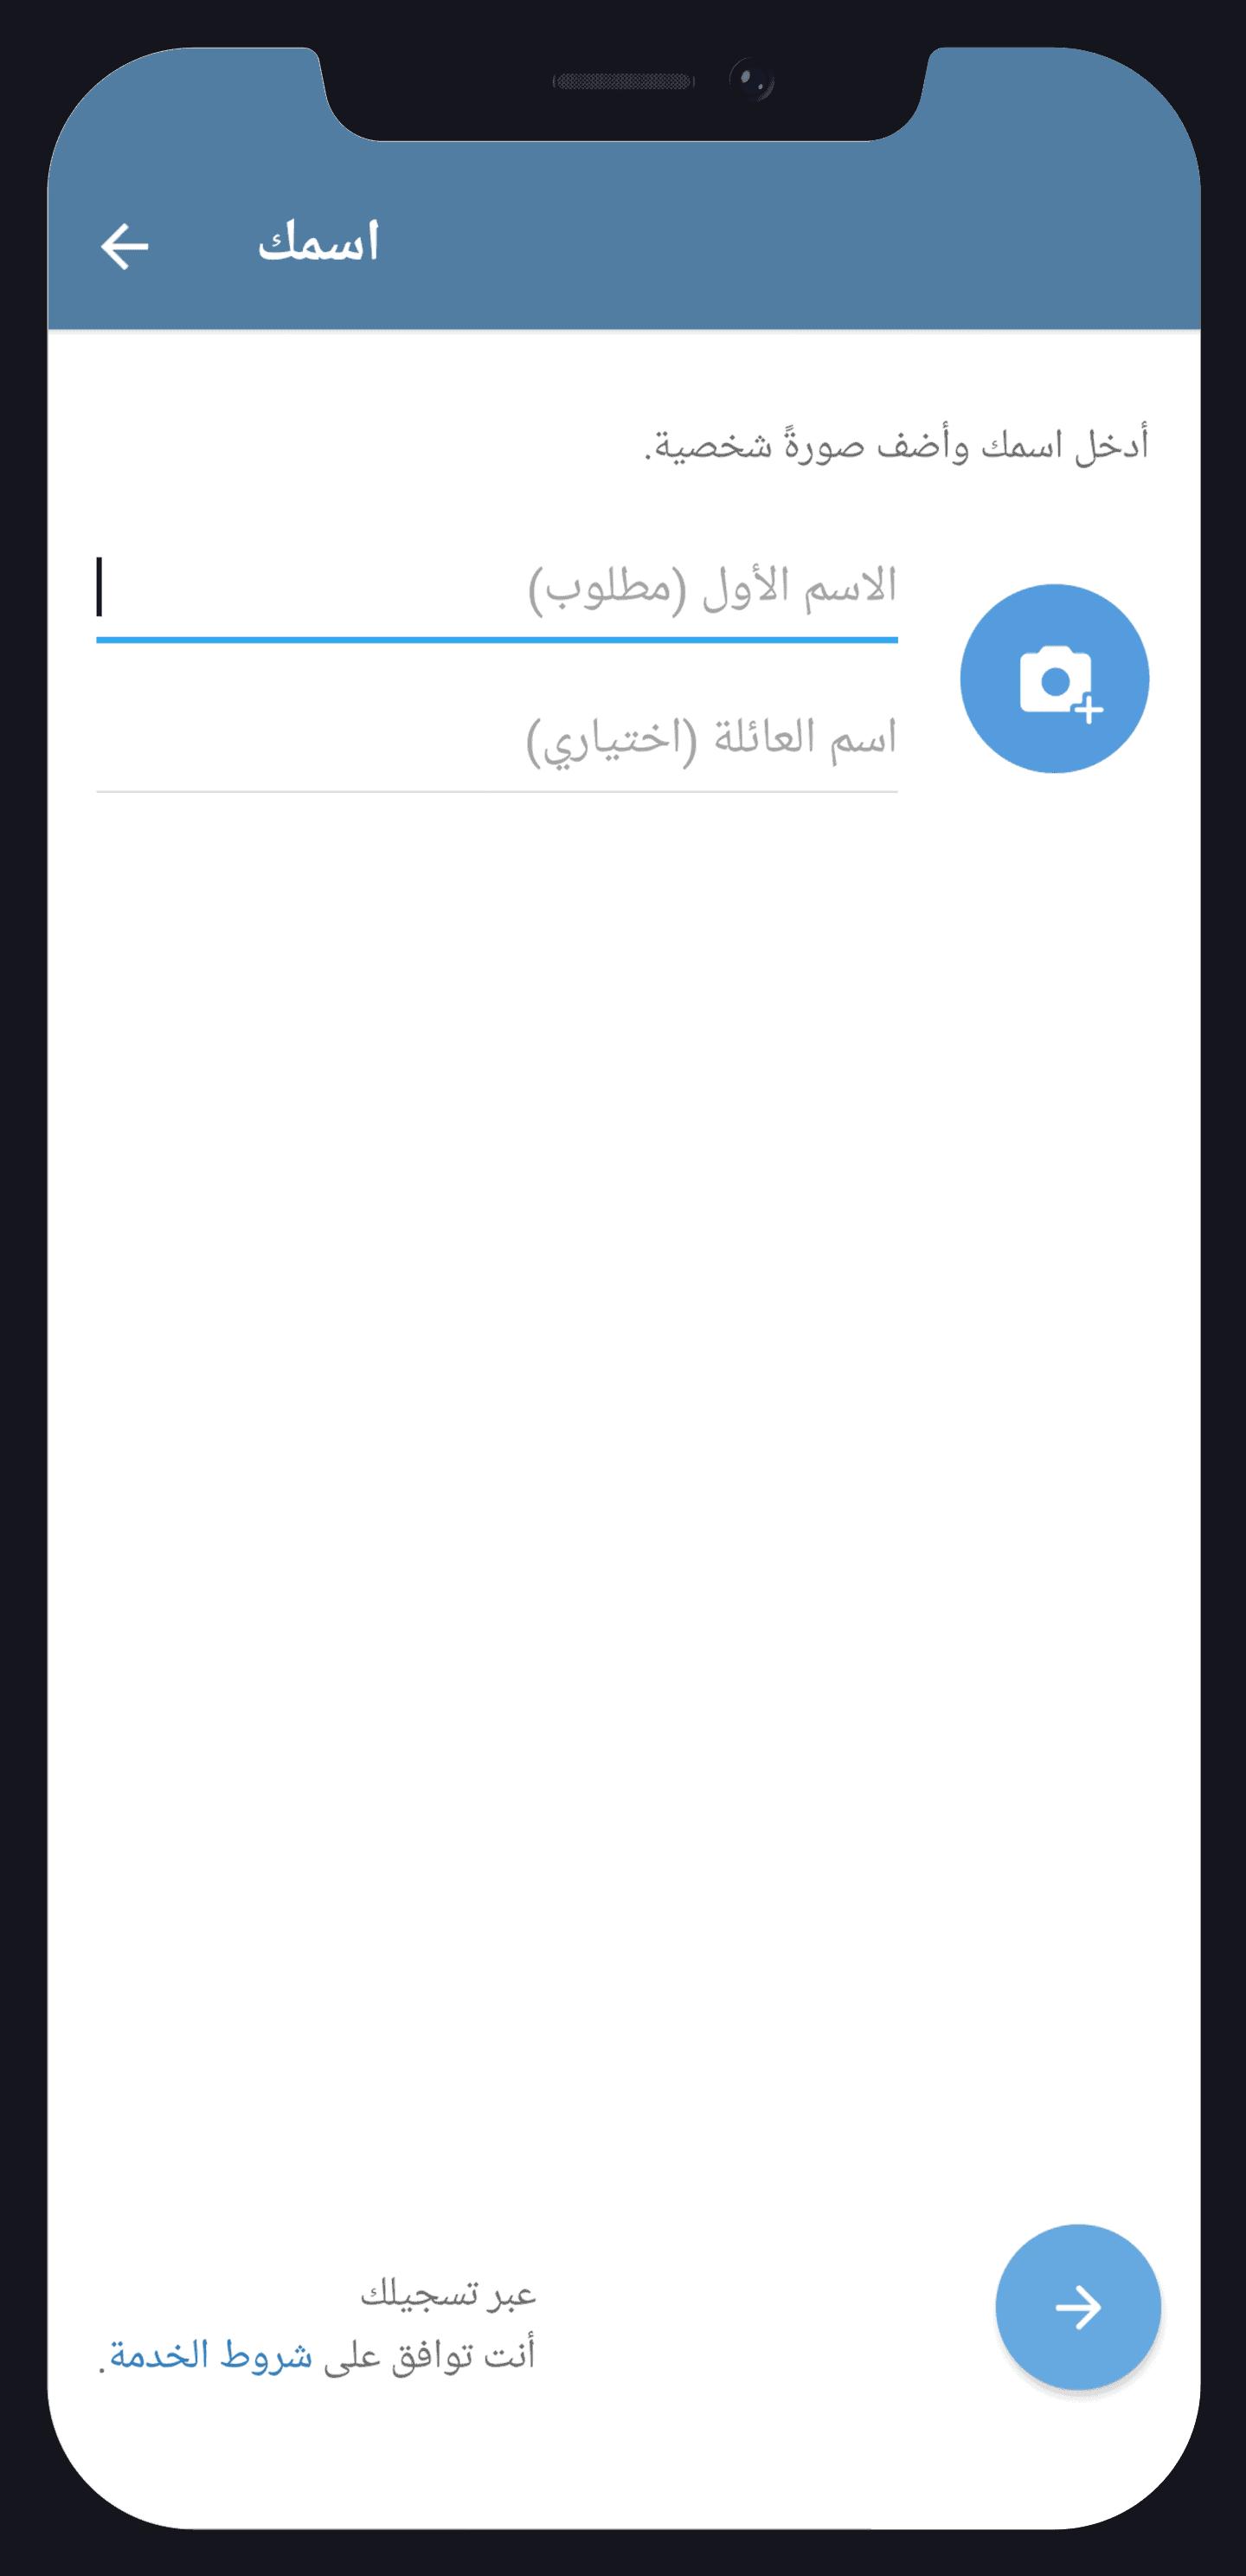 انشاء حساب تلغرام بدون رقم 3